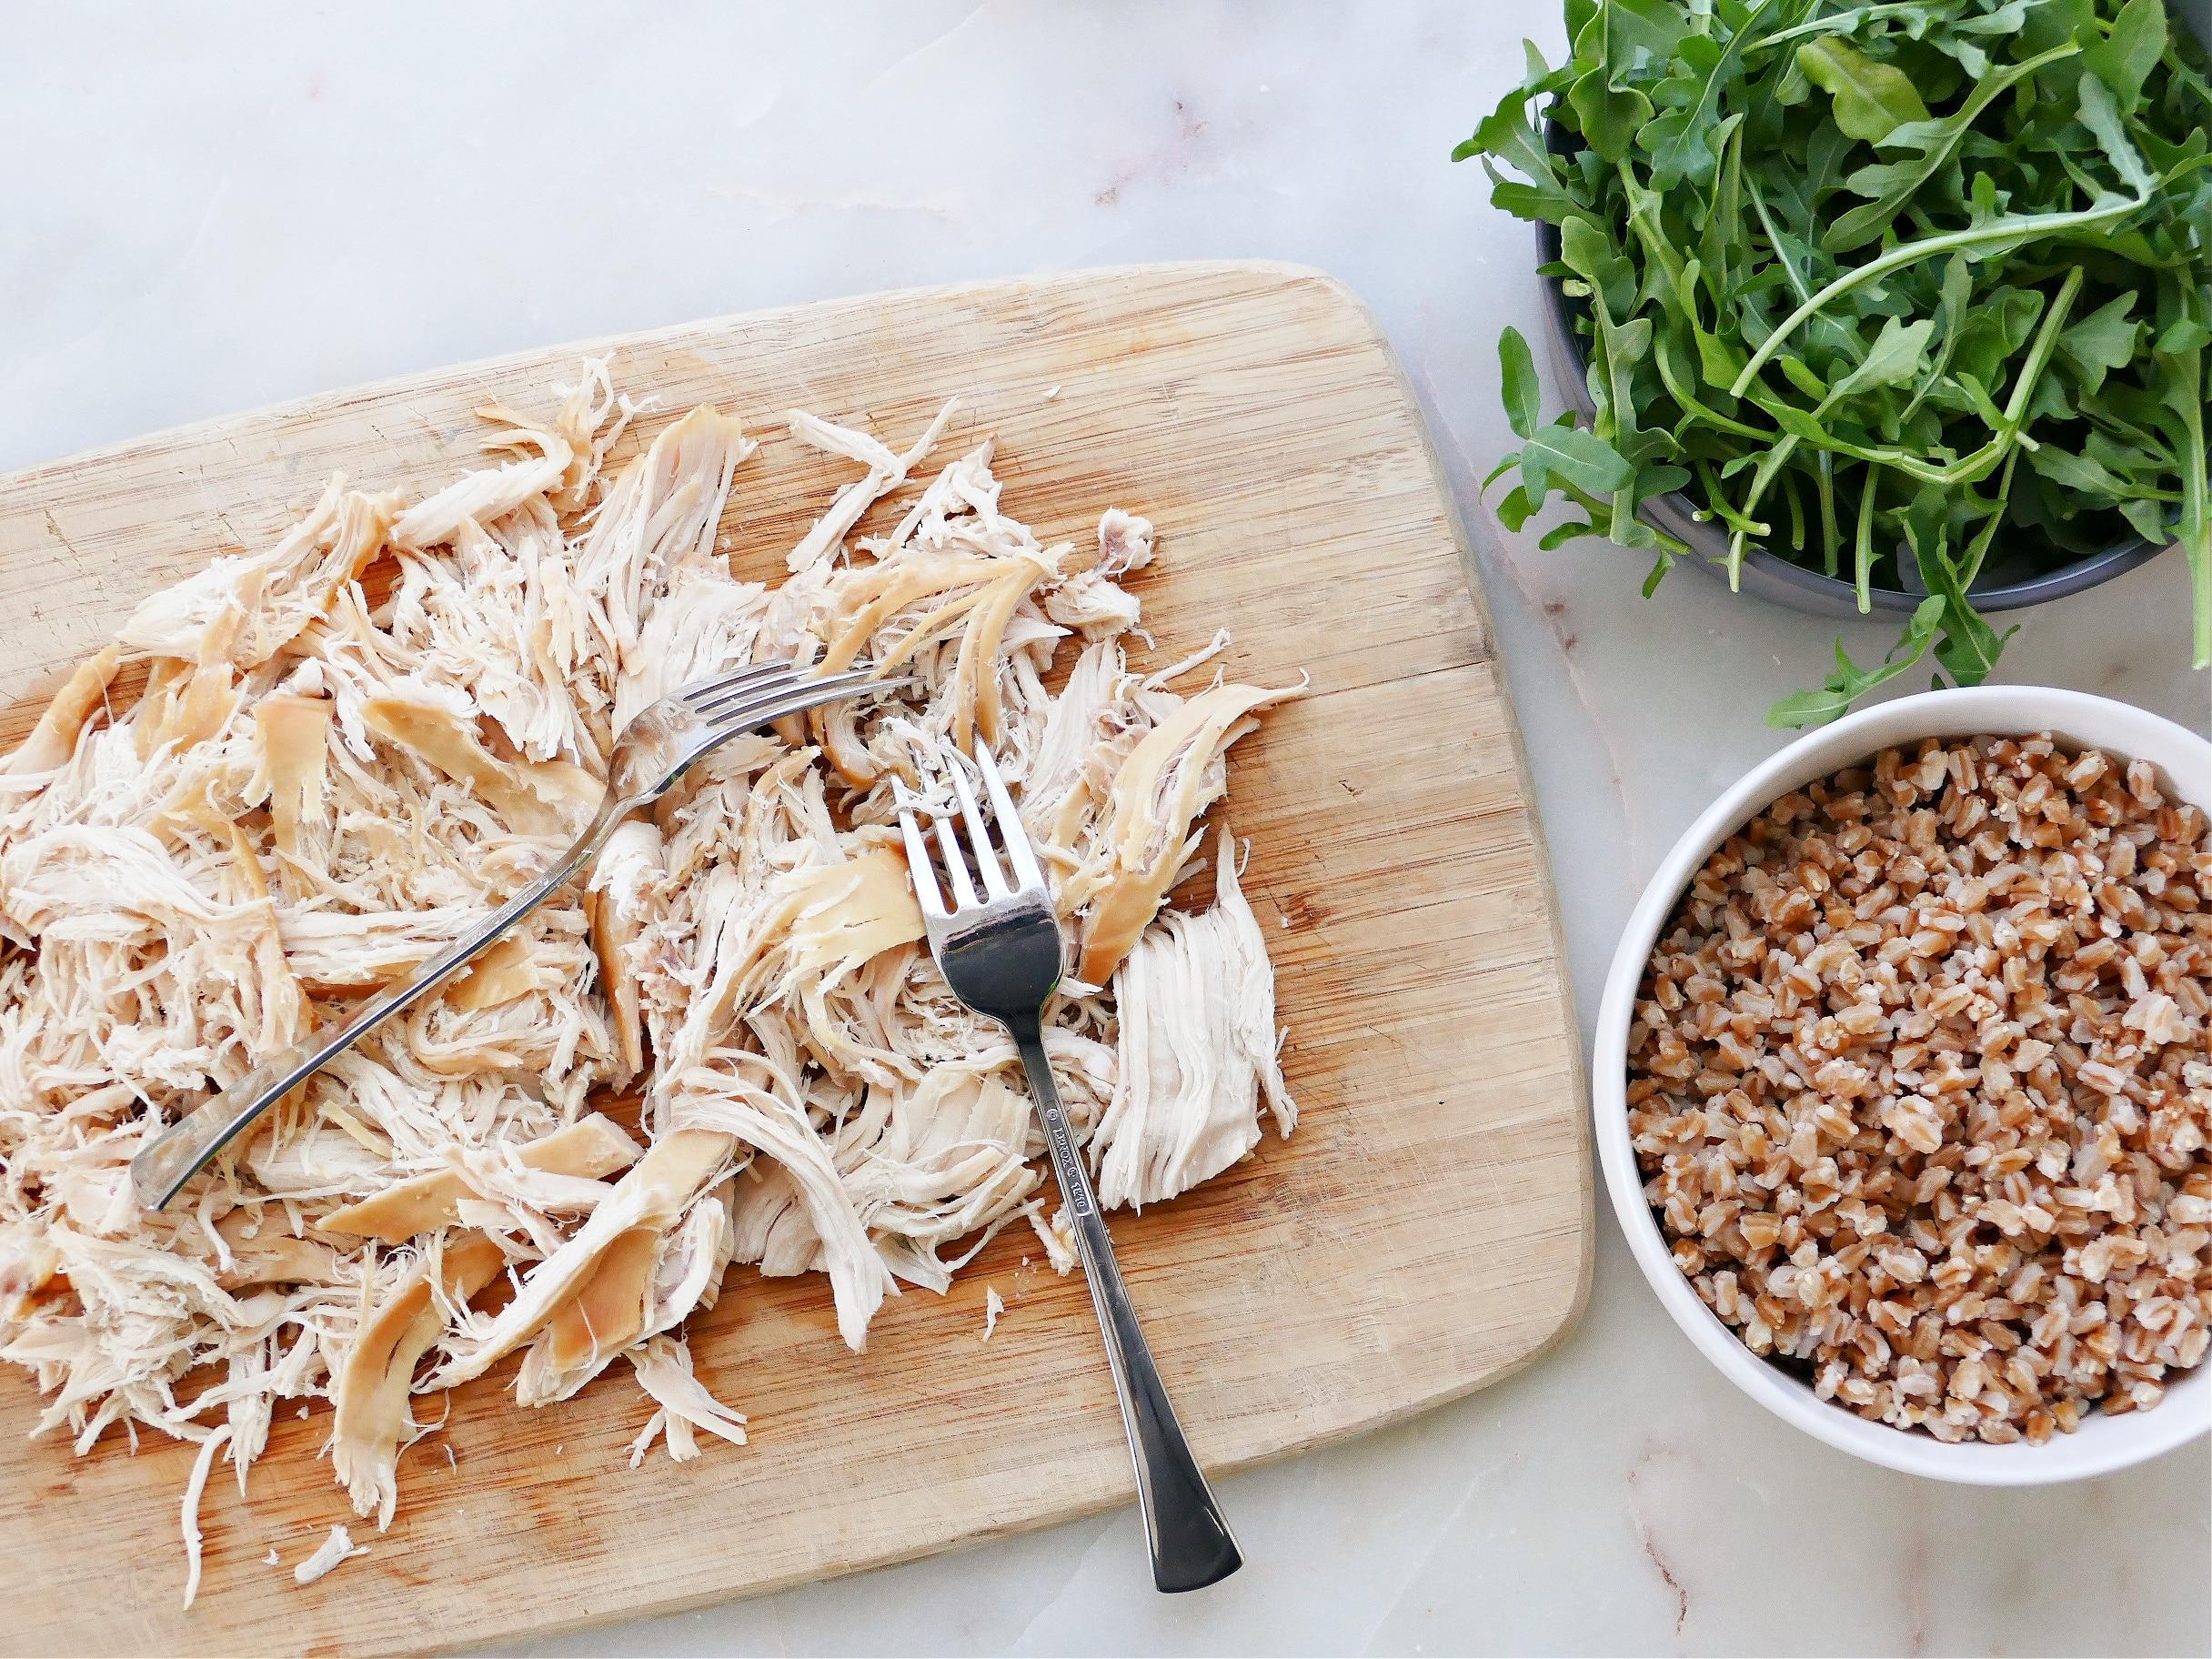 a cutting board with shredded chicken